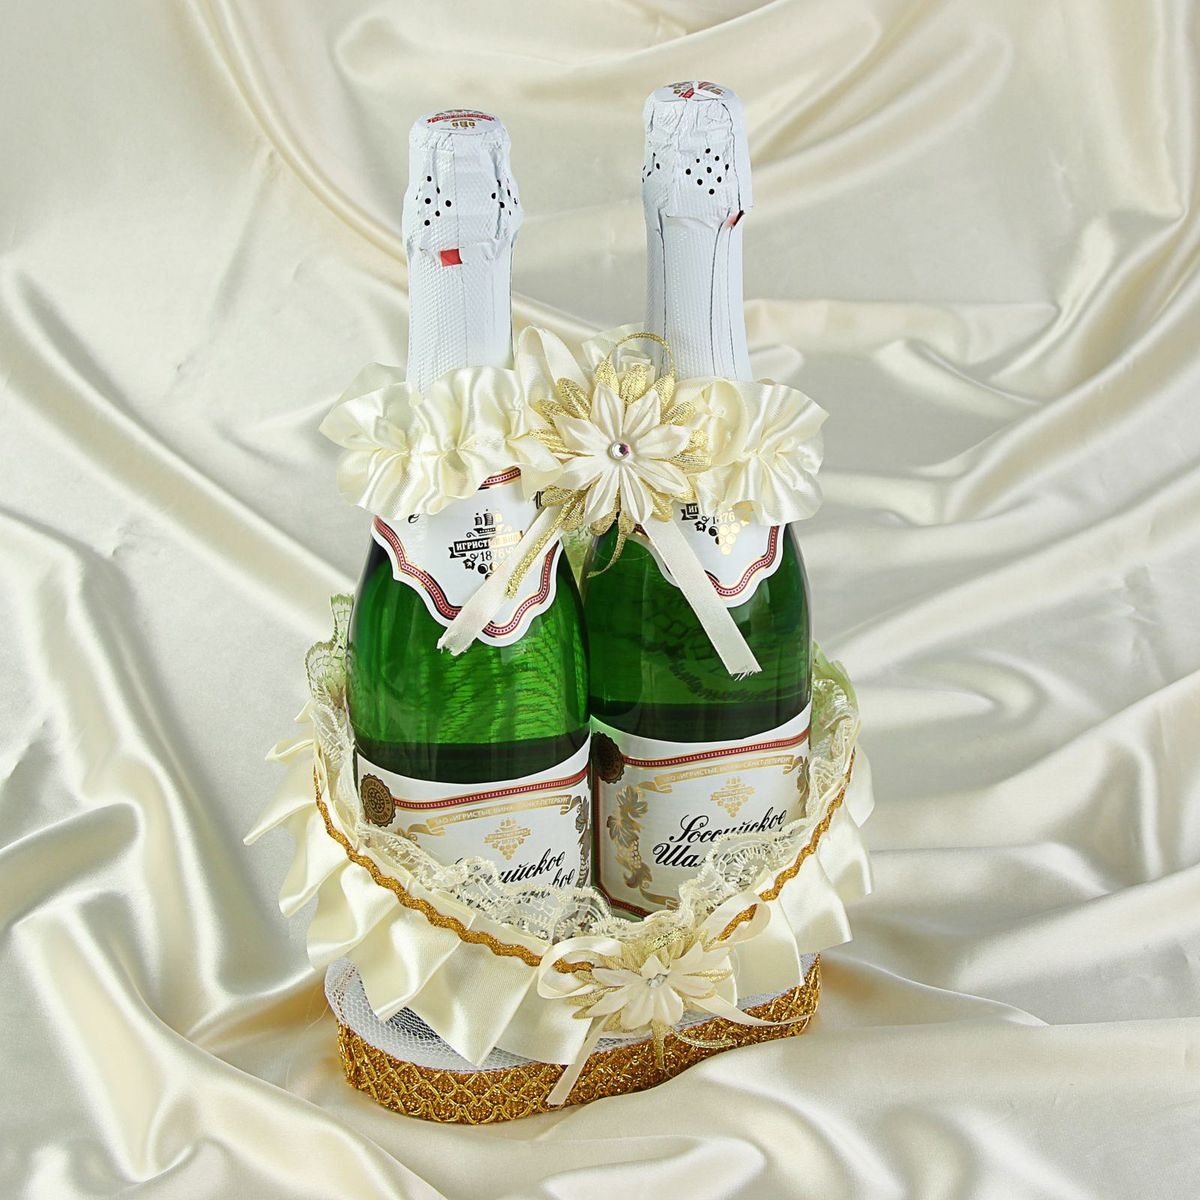 Корзинка для шампанского ладья Sima-land, цвет: золотистый. 1247458 украшение для шампанского sima land бант из сиреневых лент с золотым кружевом